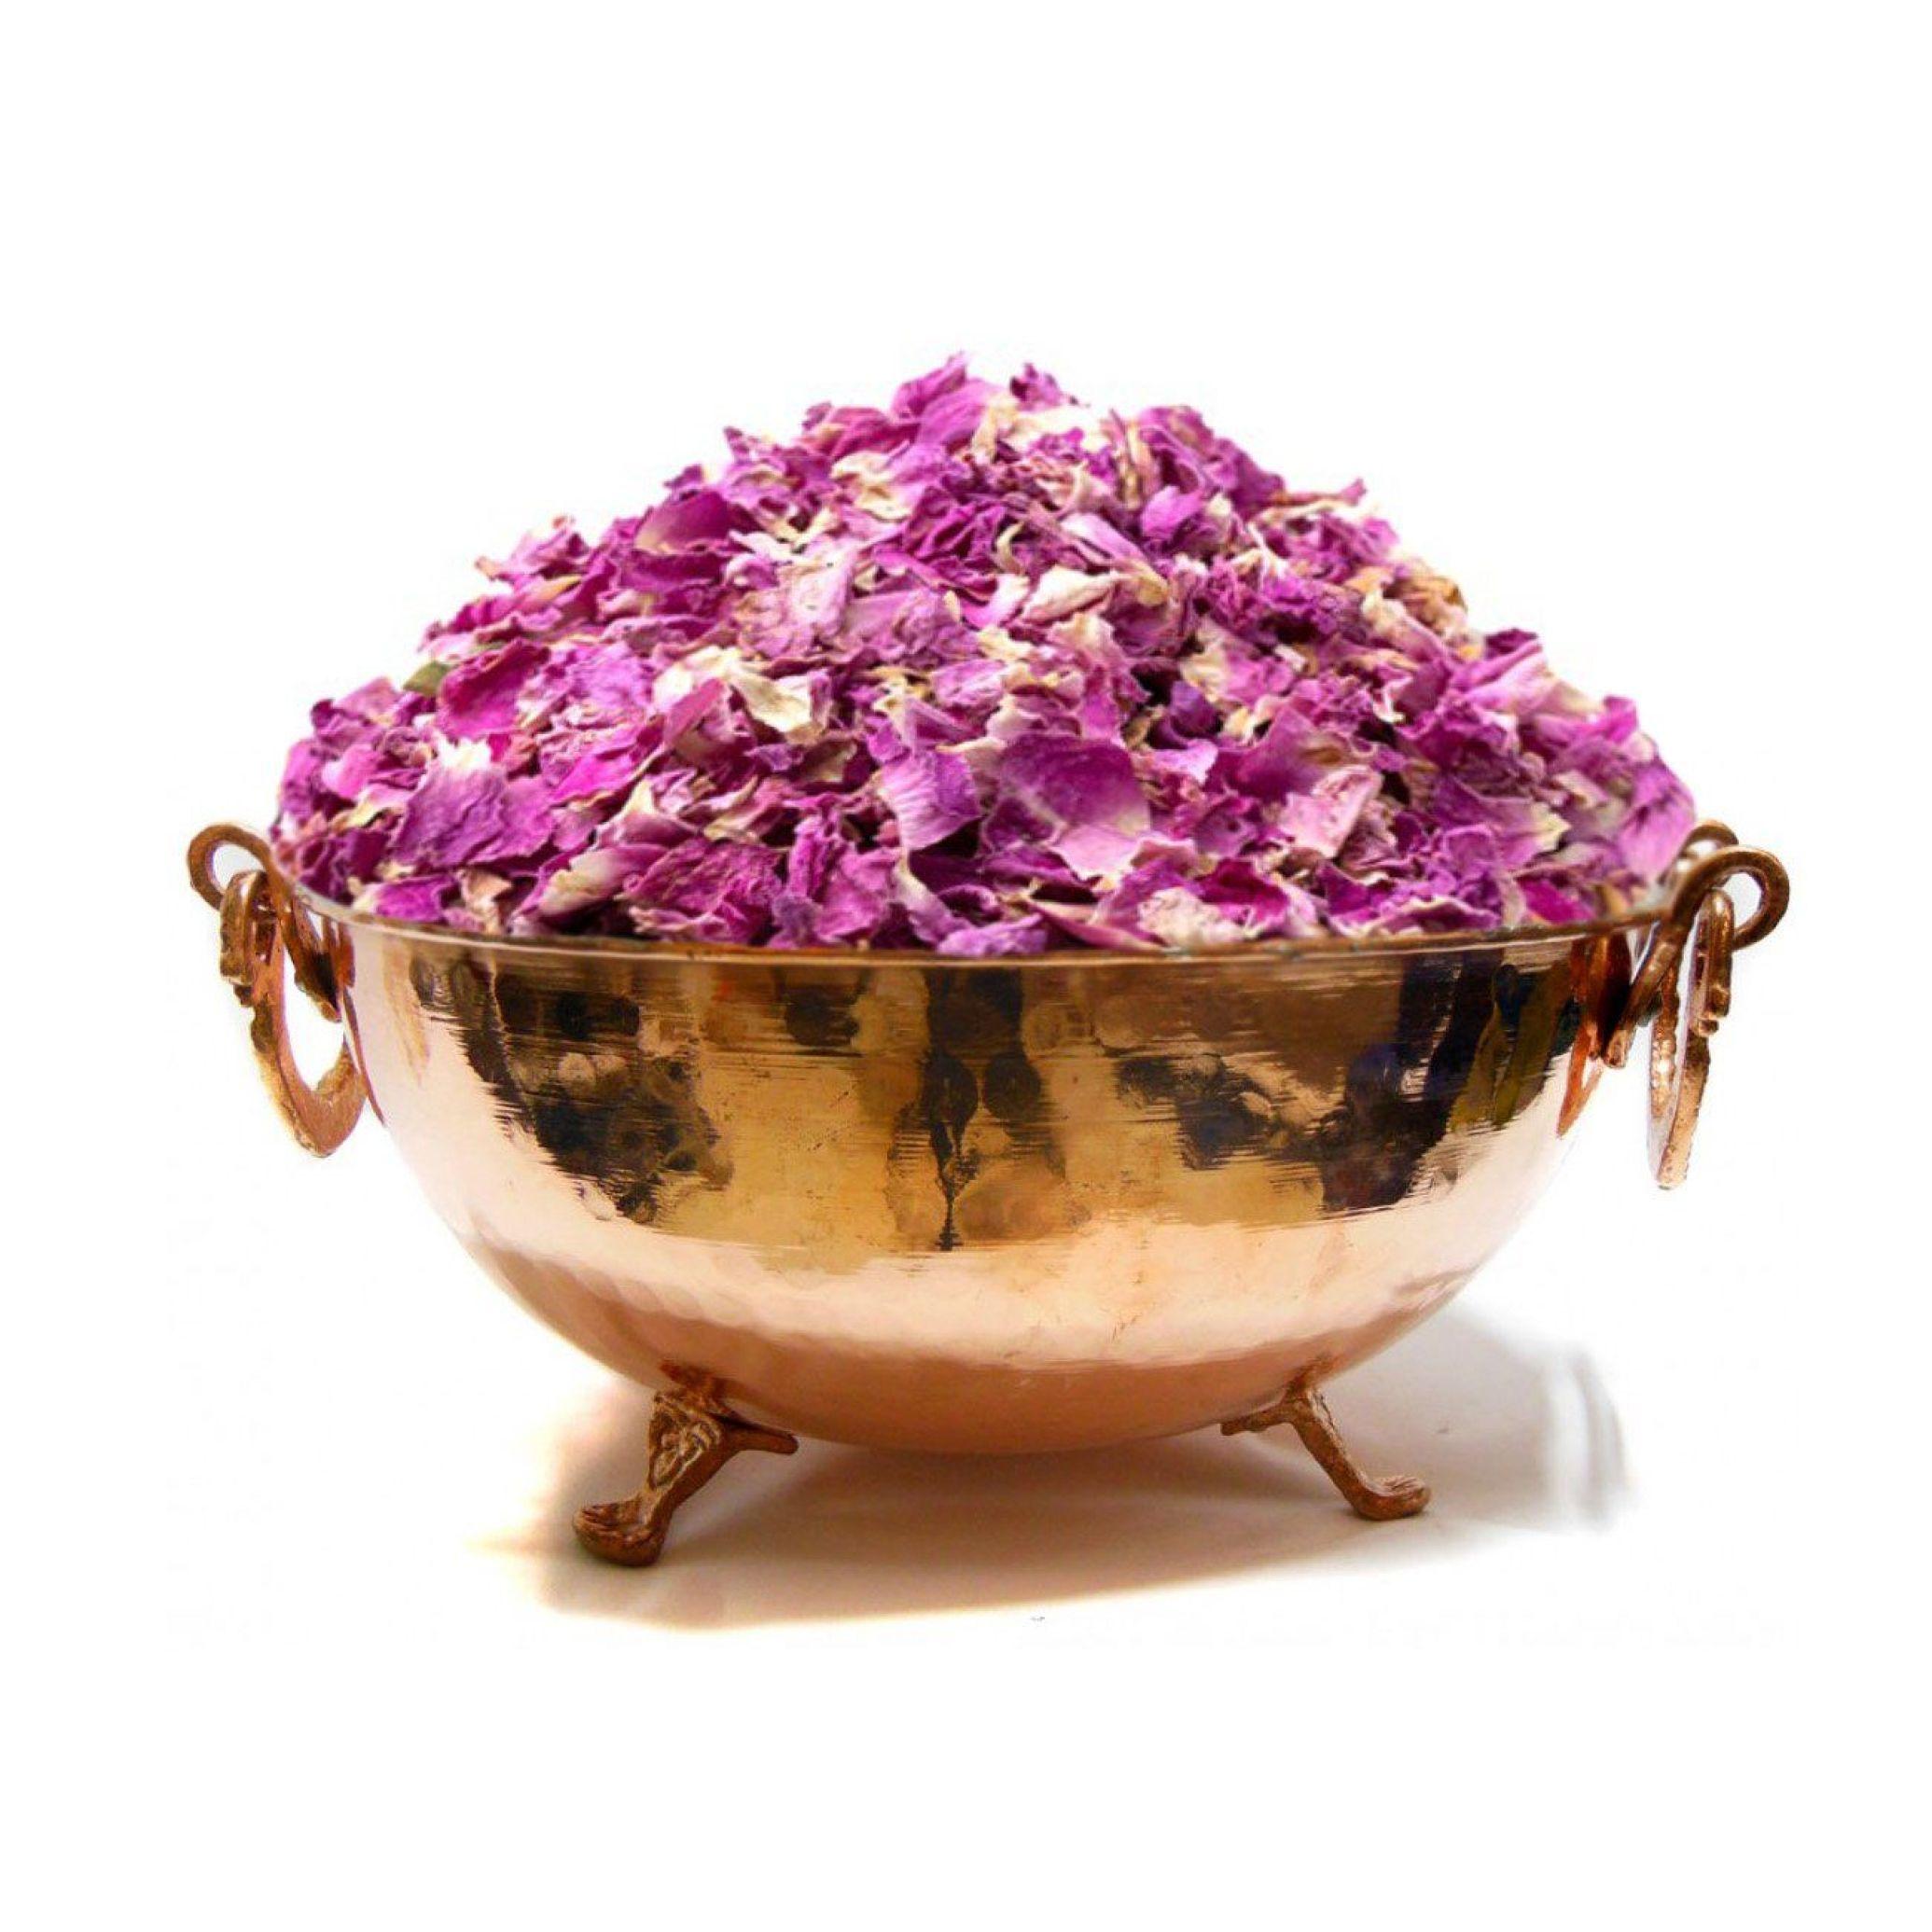 خرید آنلاین پر گل محمدی درجه یک از فروشگاه اینترنتی عطاری وجیسنک